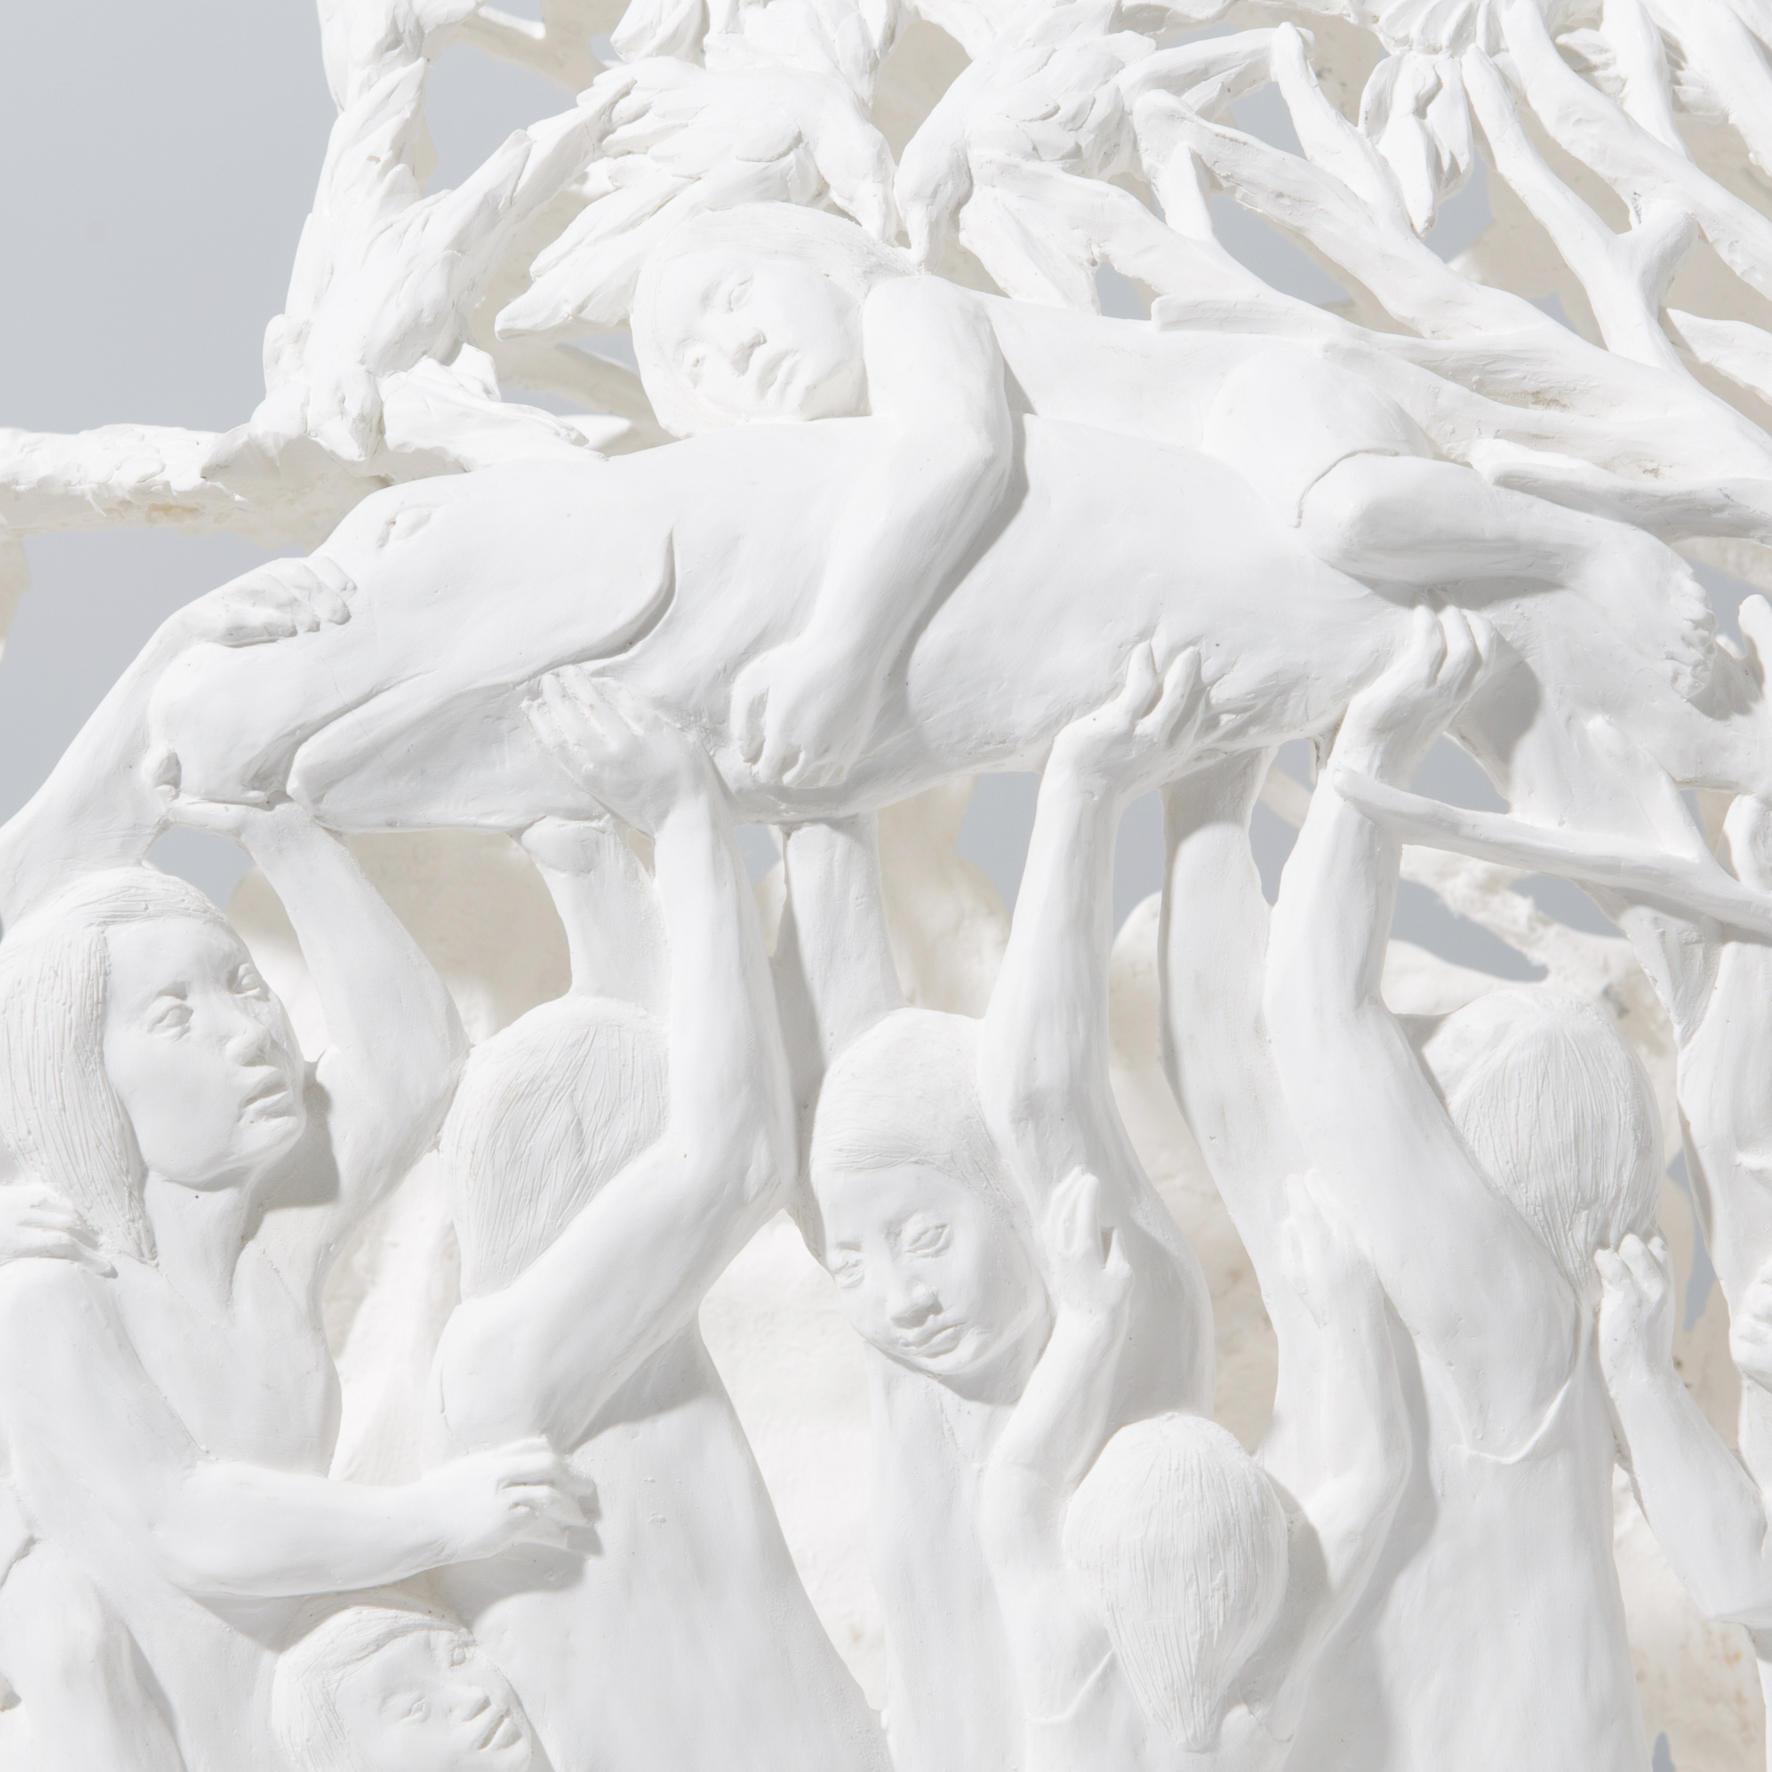 [Review] Michiko Nakatani: What a Tree Dreams(Hitoshi Nakano, Curator)